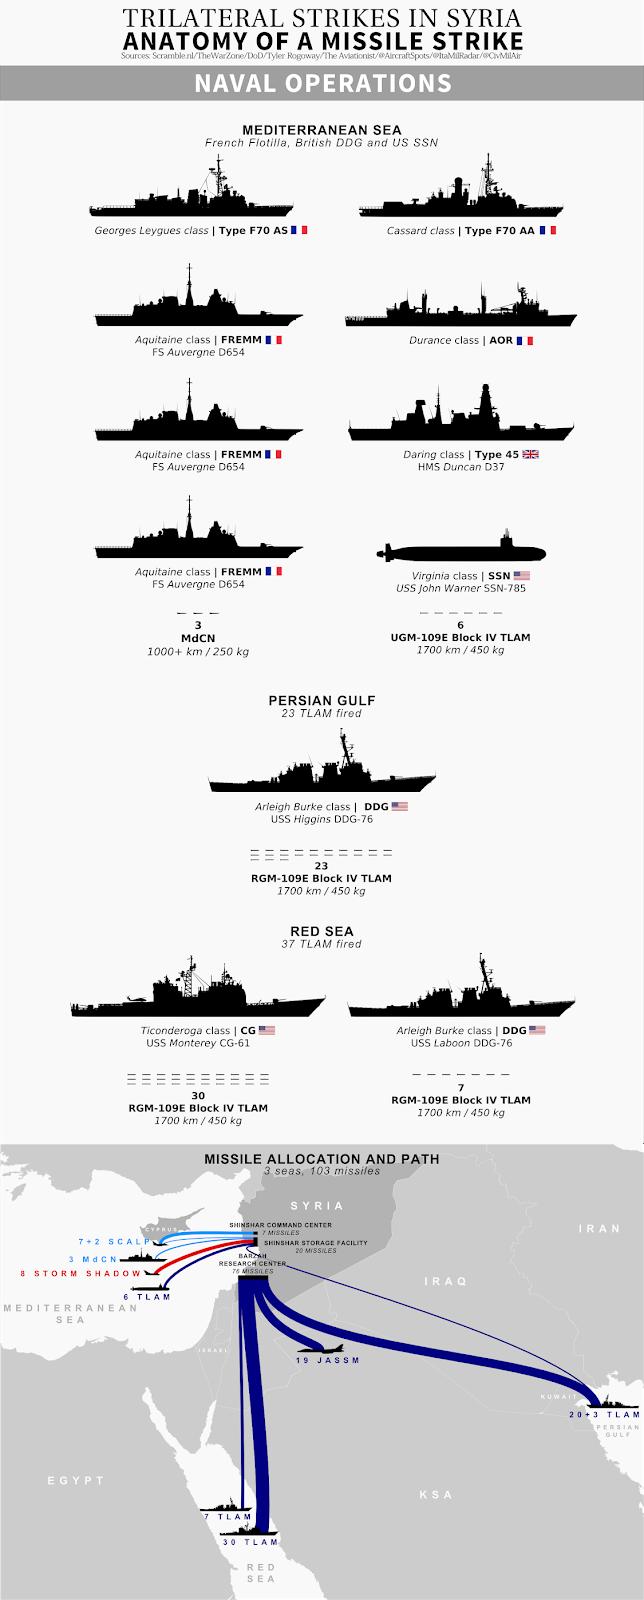 Корабли США, Великобритании и Франции, использованные 13 апреля 2018 года при атаке на Сирию.